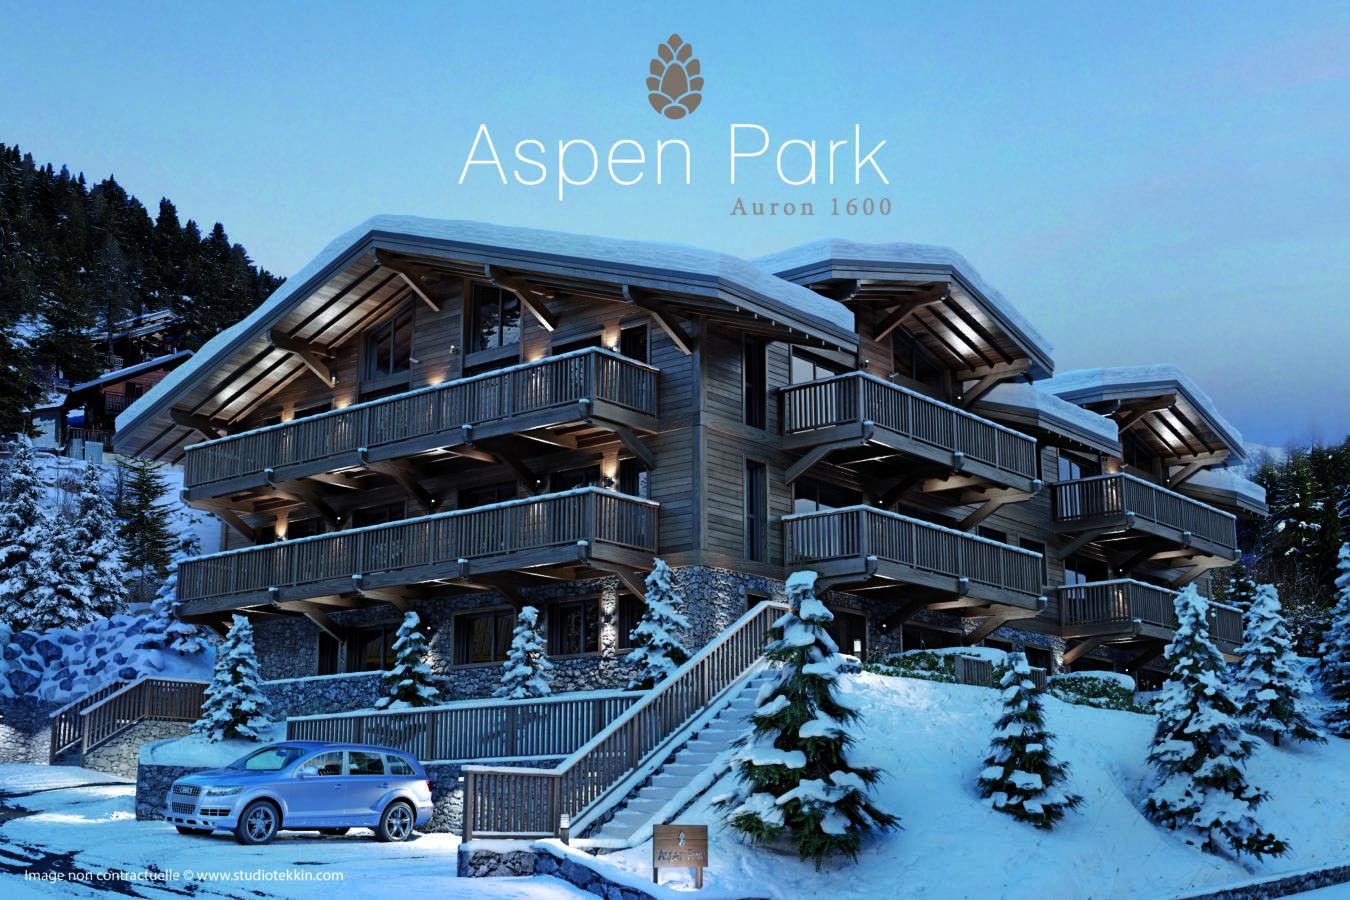 ASPEN PARK – Auron